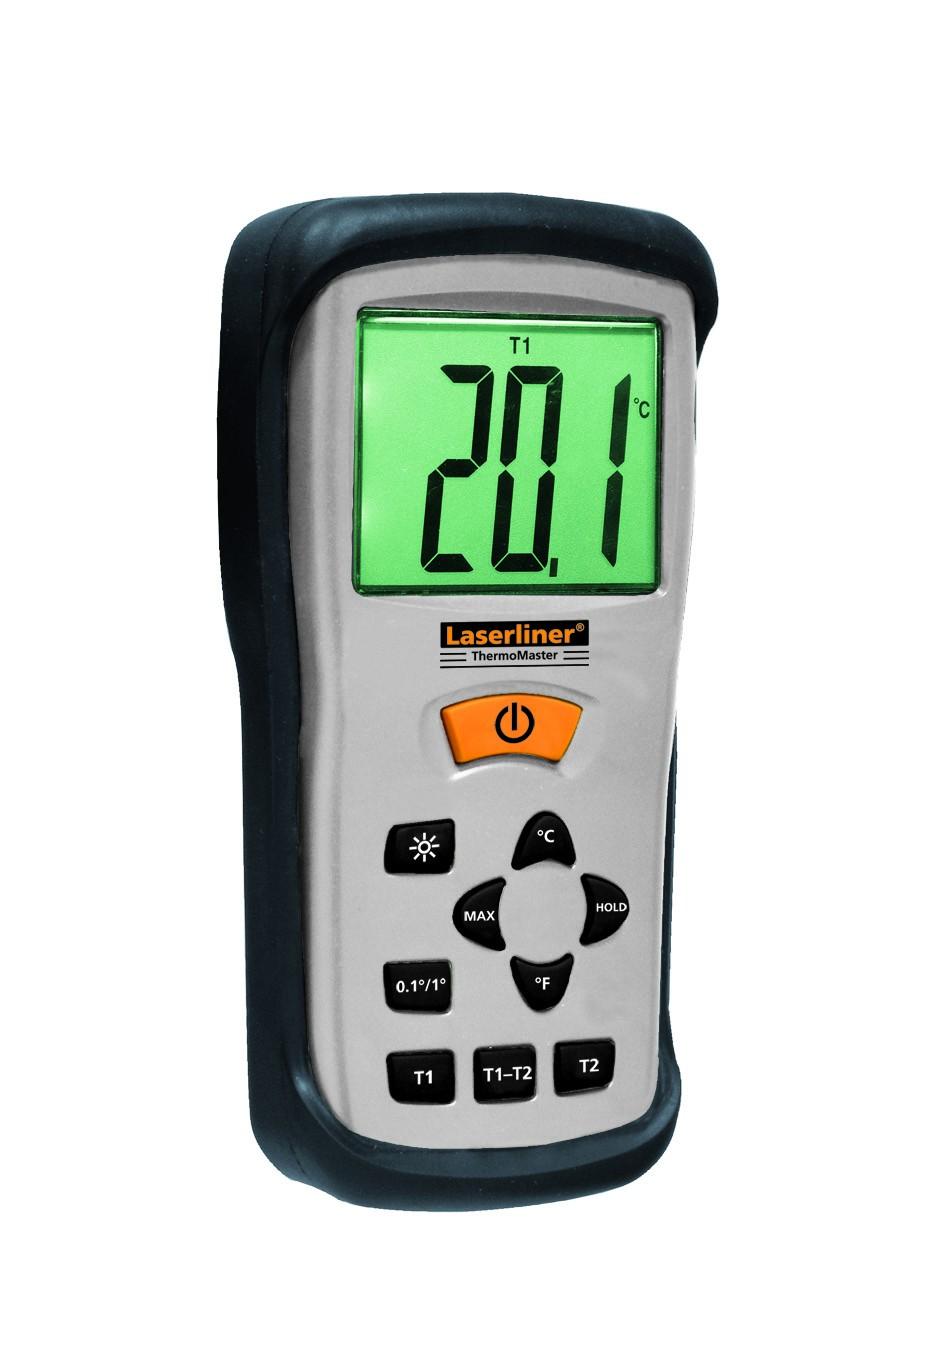 Θερμόμετρο Ψηφιακό ThermoMaster Laserliner